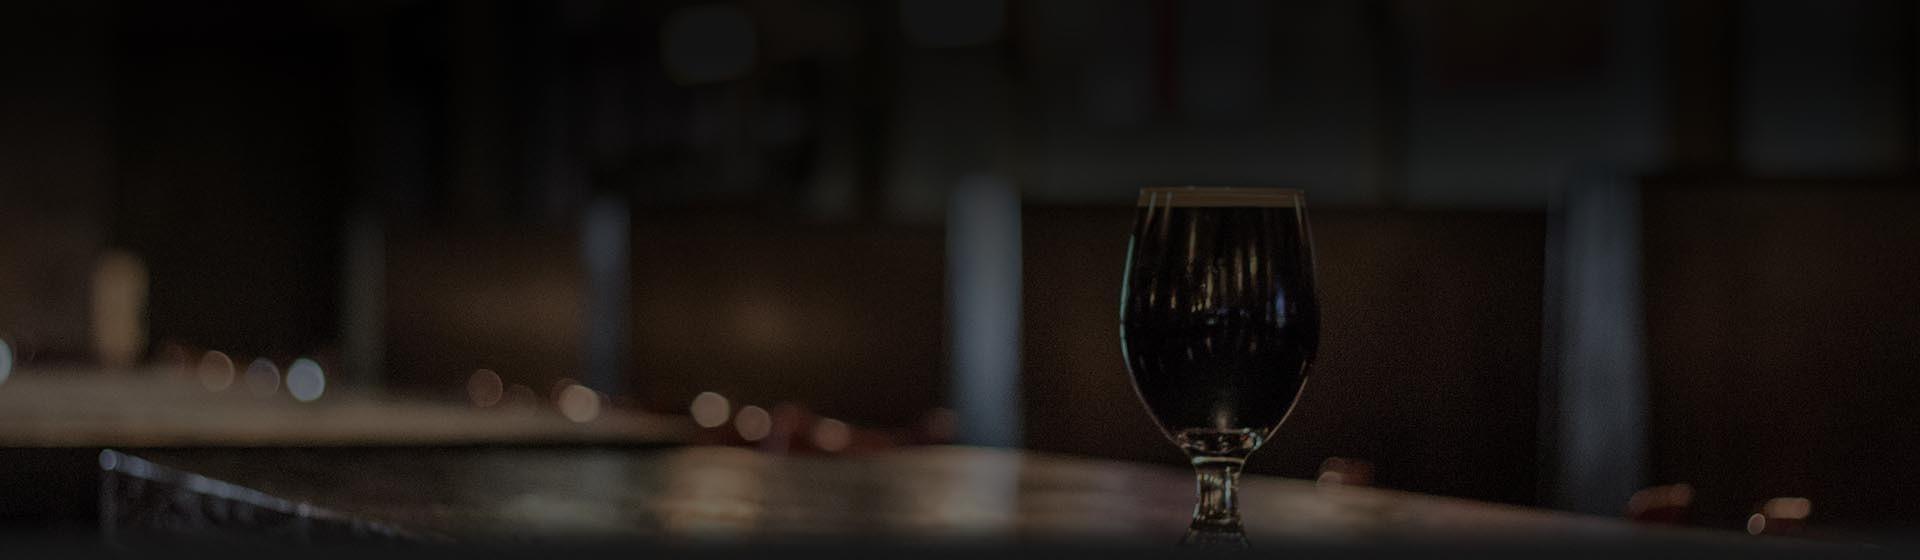 Nossas Cervejas